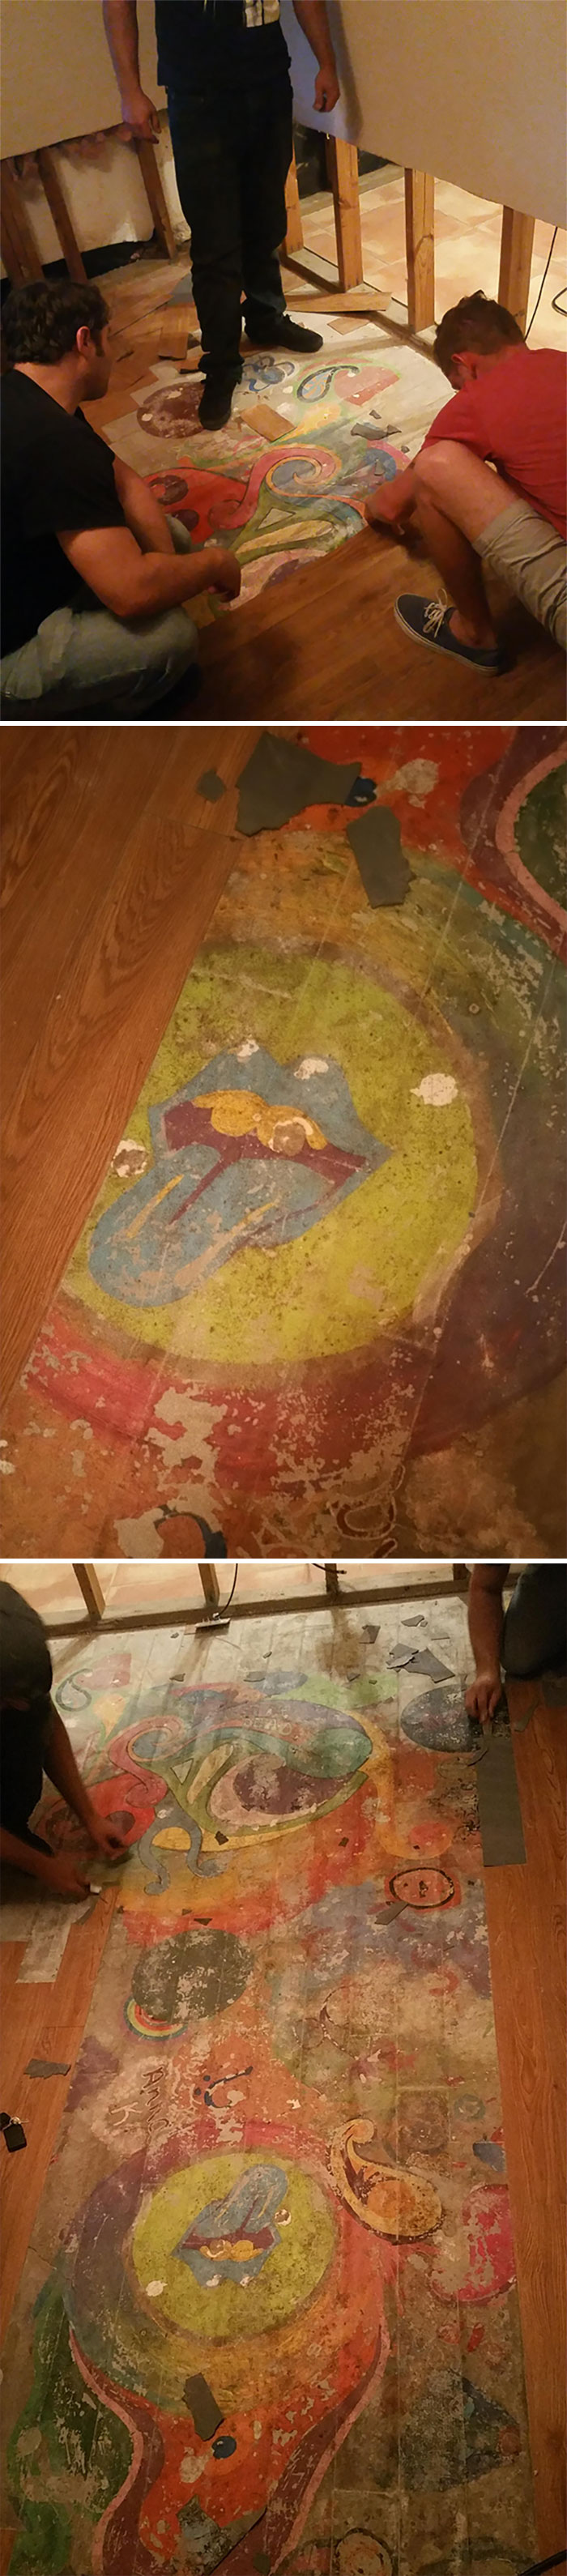 Lost Hippie Mural Found Under My Flooded House